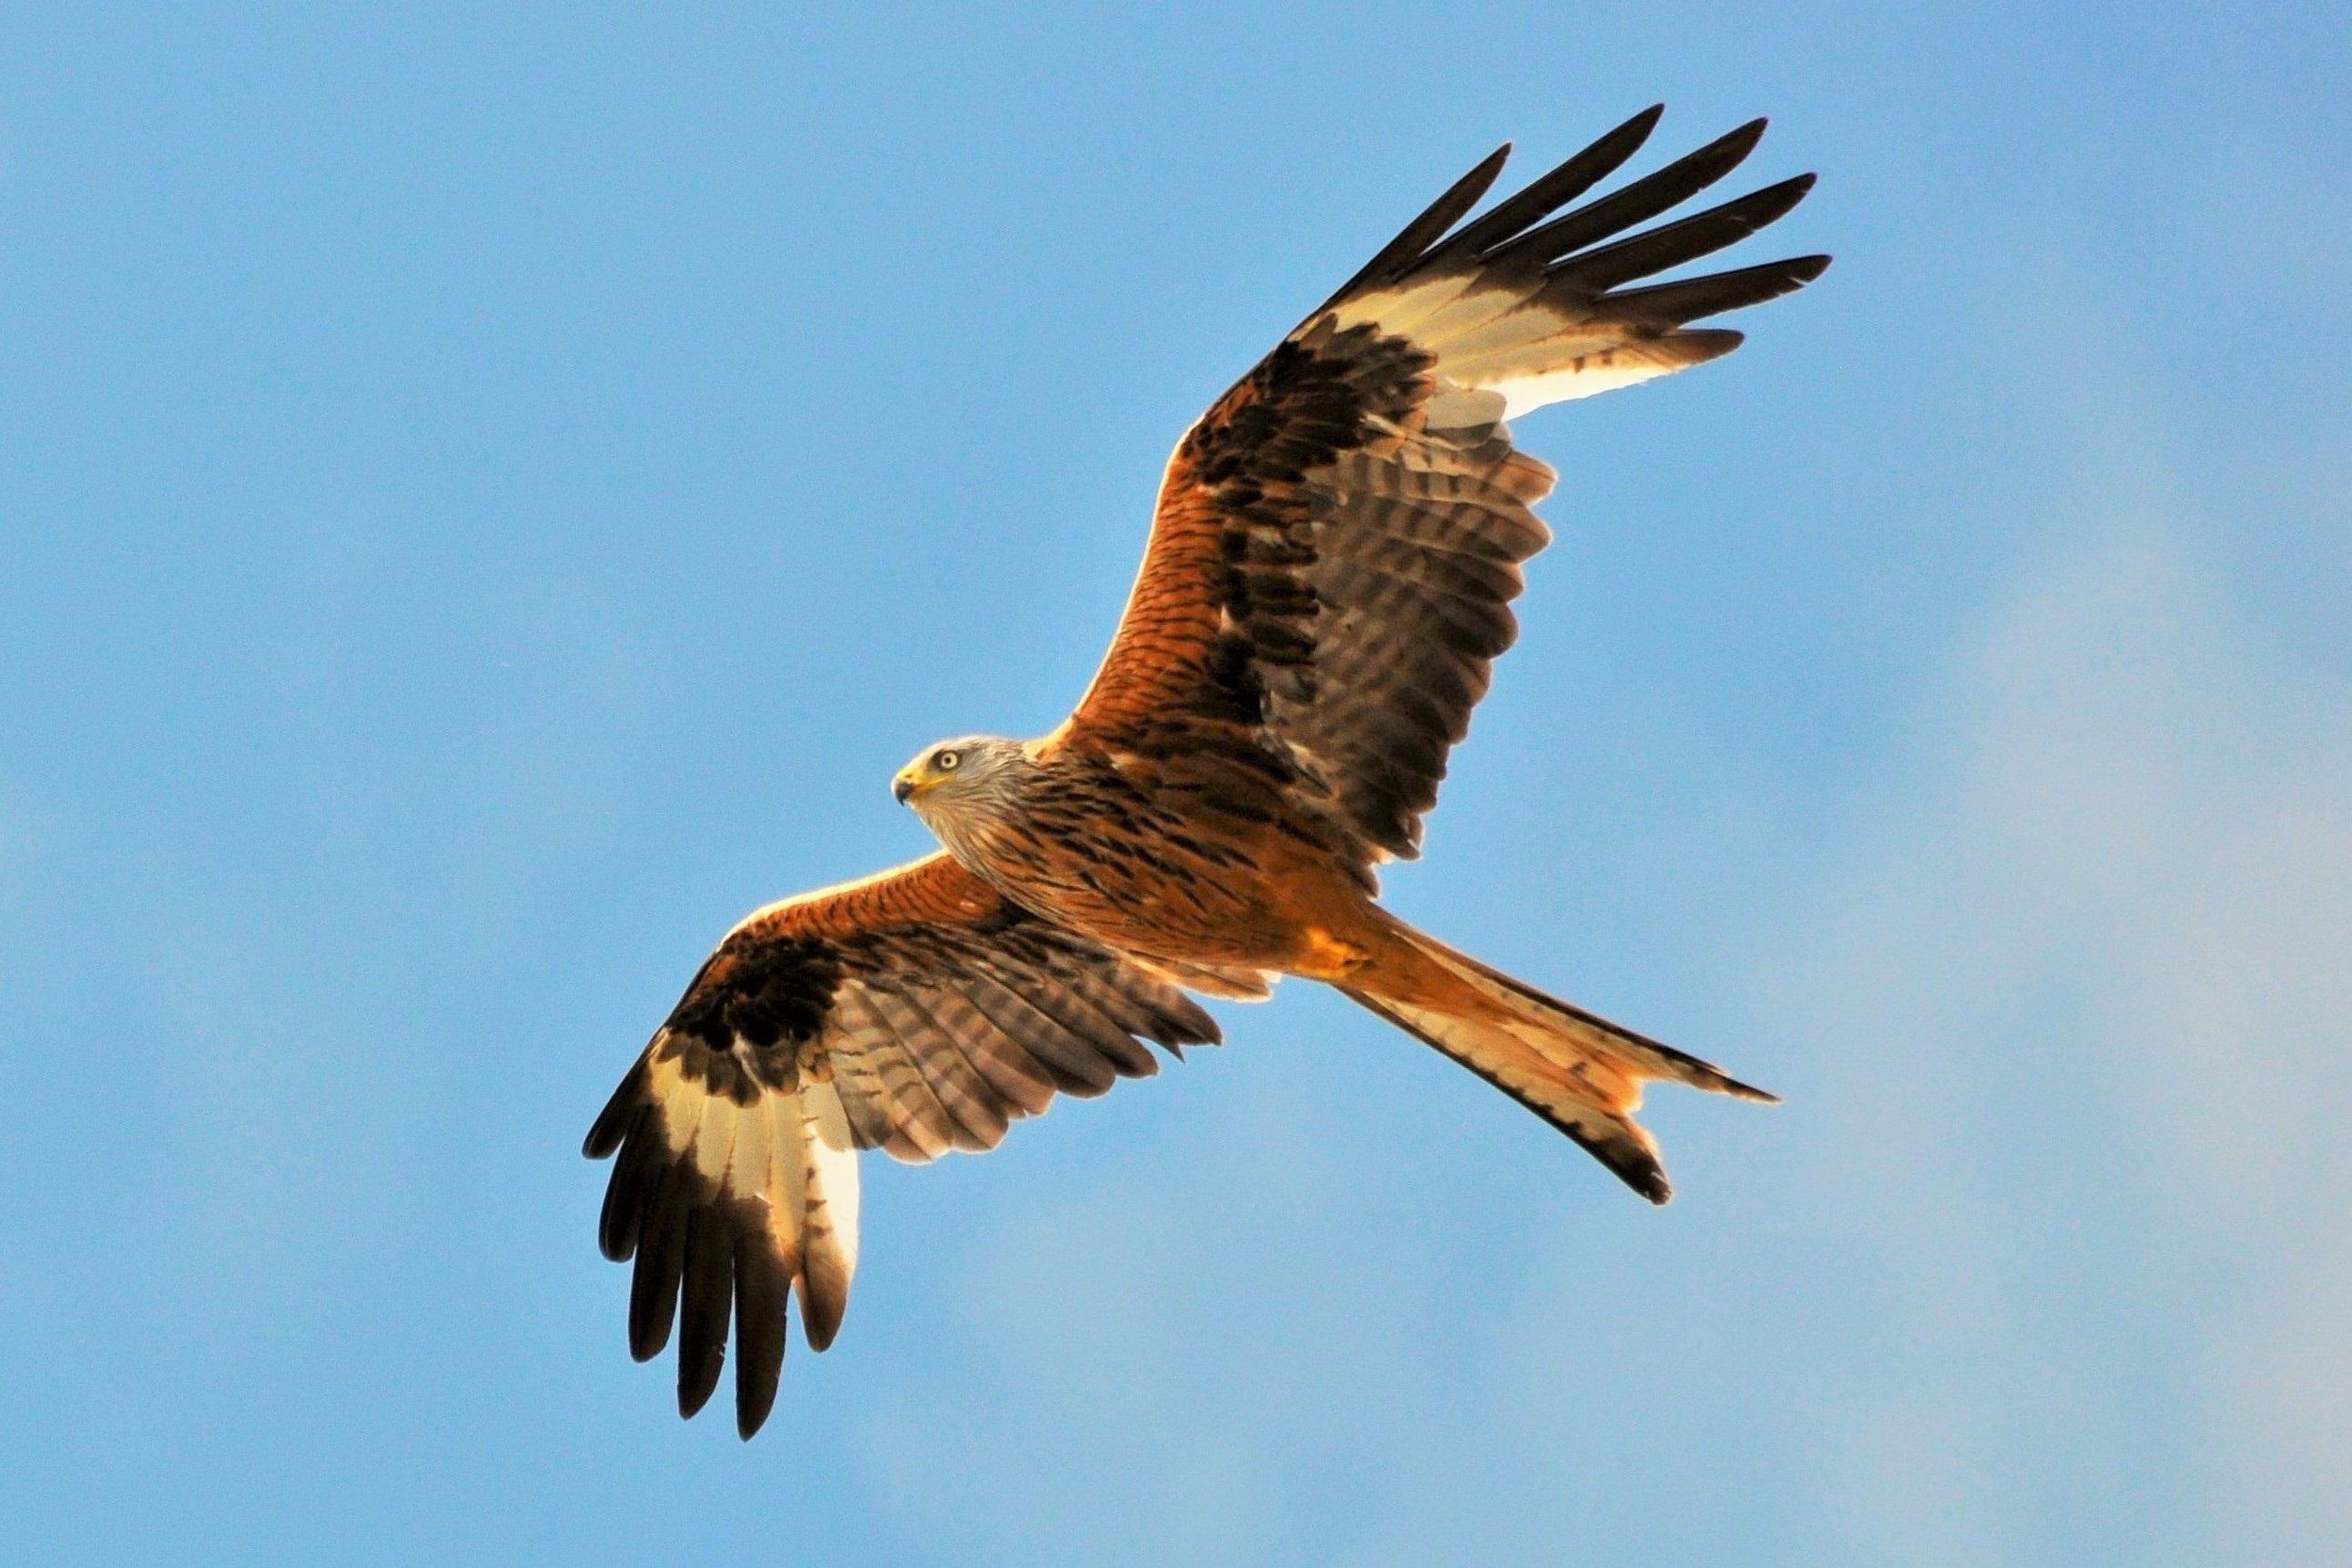 Червена каня, Великобритания<br /> <br /> Наистина е внушително да видите птица, с размах на крилете почти 2 метра, да кръжи над супермаркетите или да ловува сред високите жилищни сгради. Червената каня се храни с мърша, а по магистралите и големите пътища често умира различни животни. Както всяко животно, което успее да живее сред хората, така и за червената каня някои смятат, че е вредител.